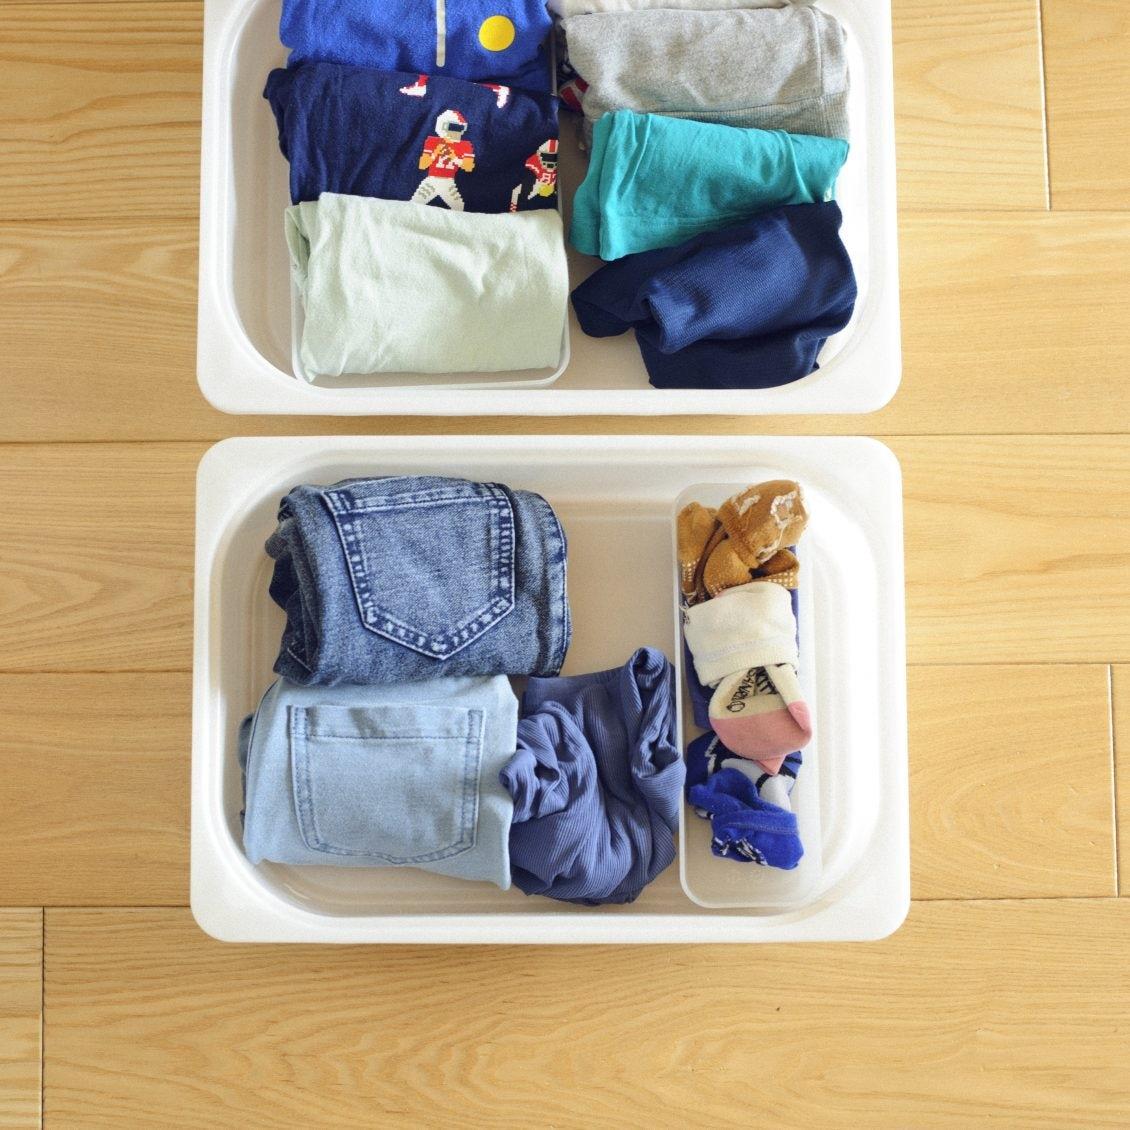 【親子で取りくむ収納】第3話:子どもが自分でラクに身支度できる服のしまい方って?